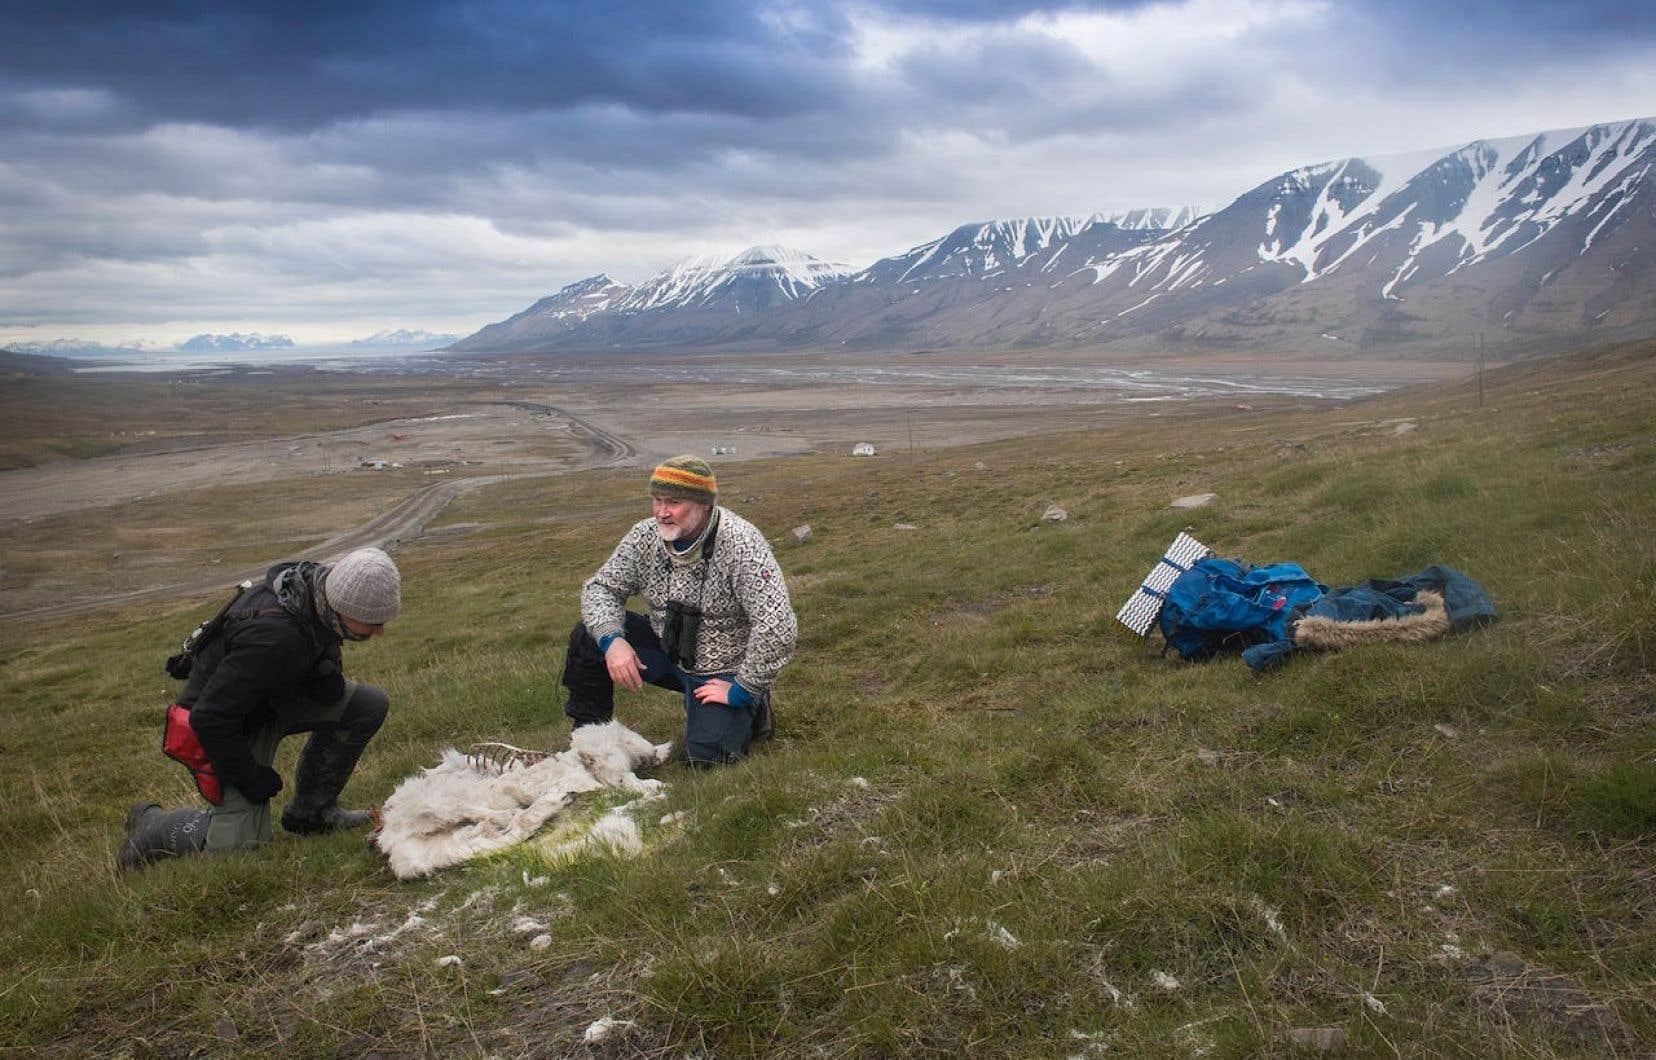 Selon l'Institut polaire norvégien, le nombre de rennes au Svalbard, territoire grand comme deux fois la Belgique, a doublé depuis les années 1980 pour atteindre aujourd'hui environ 22000 têtes.